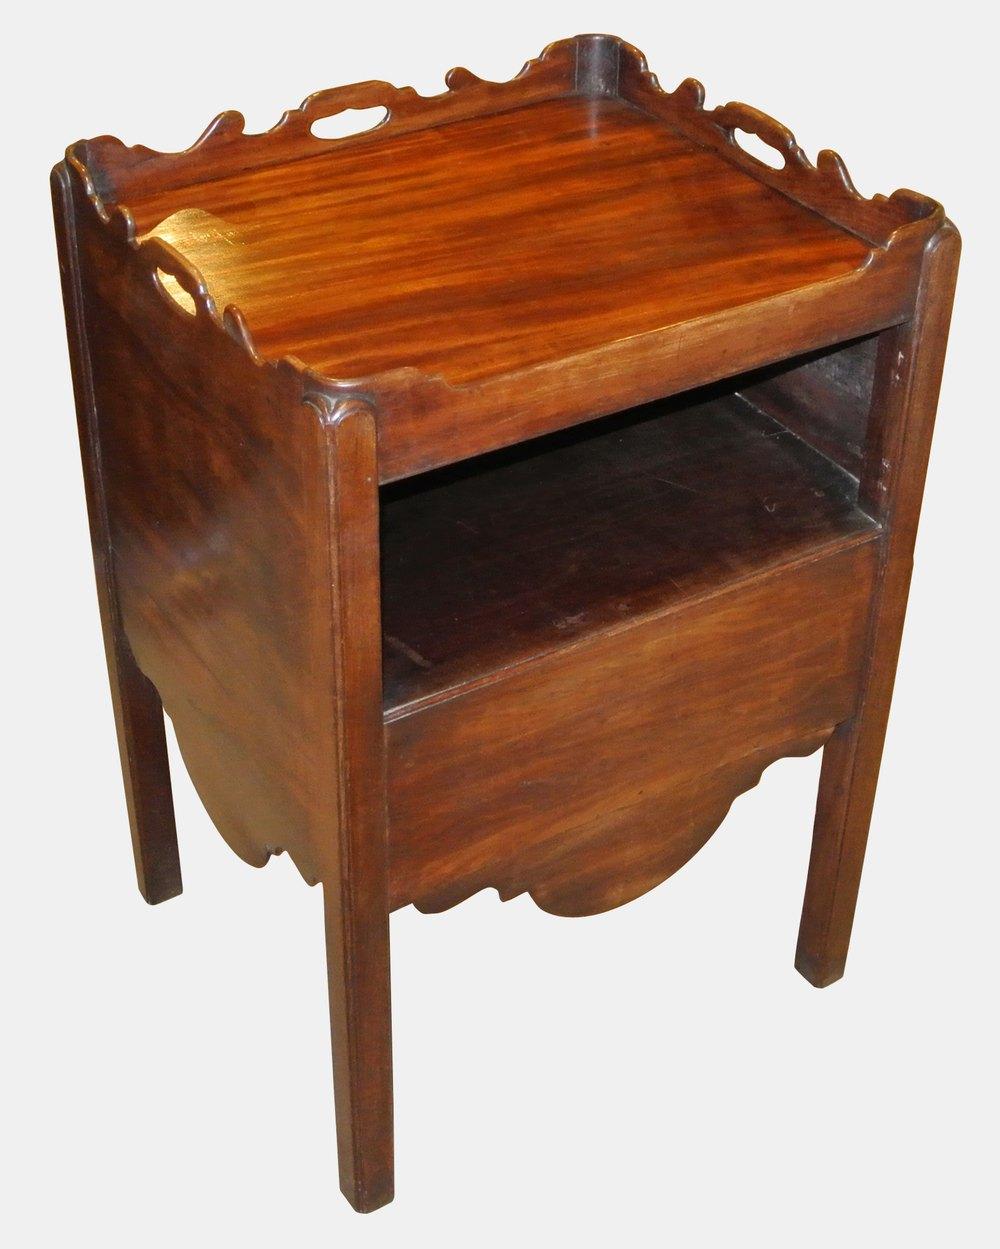 georgian bedside commode cabinet antiques atlas. Black Bedroom Furniture Sets. Home Design Ideas